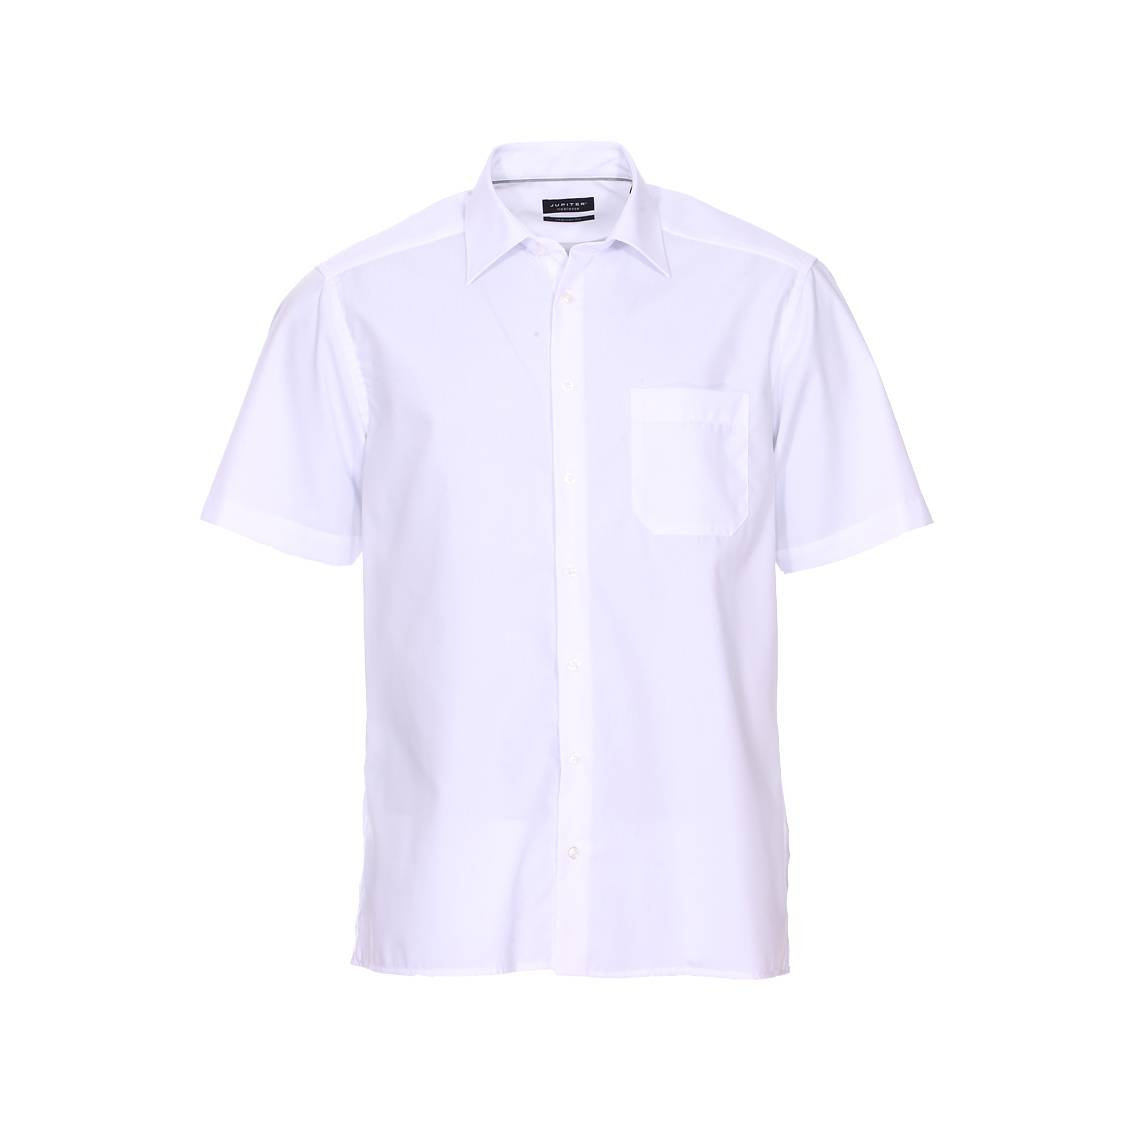 Chemise manches courtes droite noblesse  en coton blanc